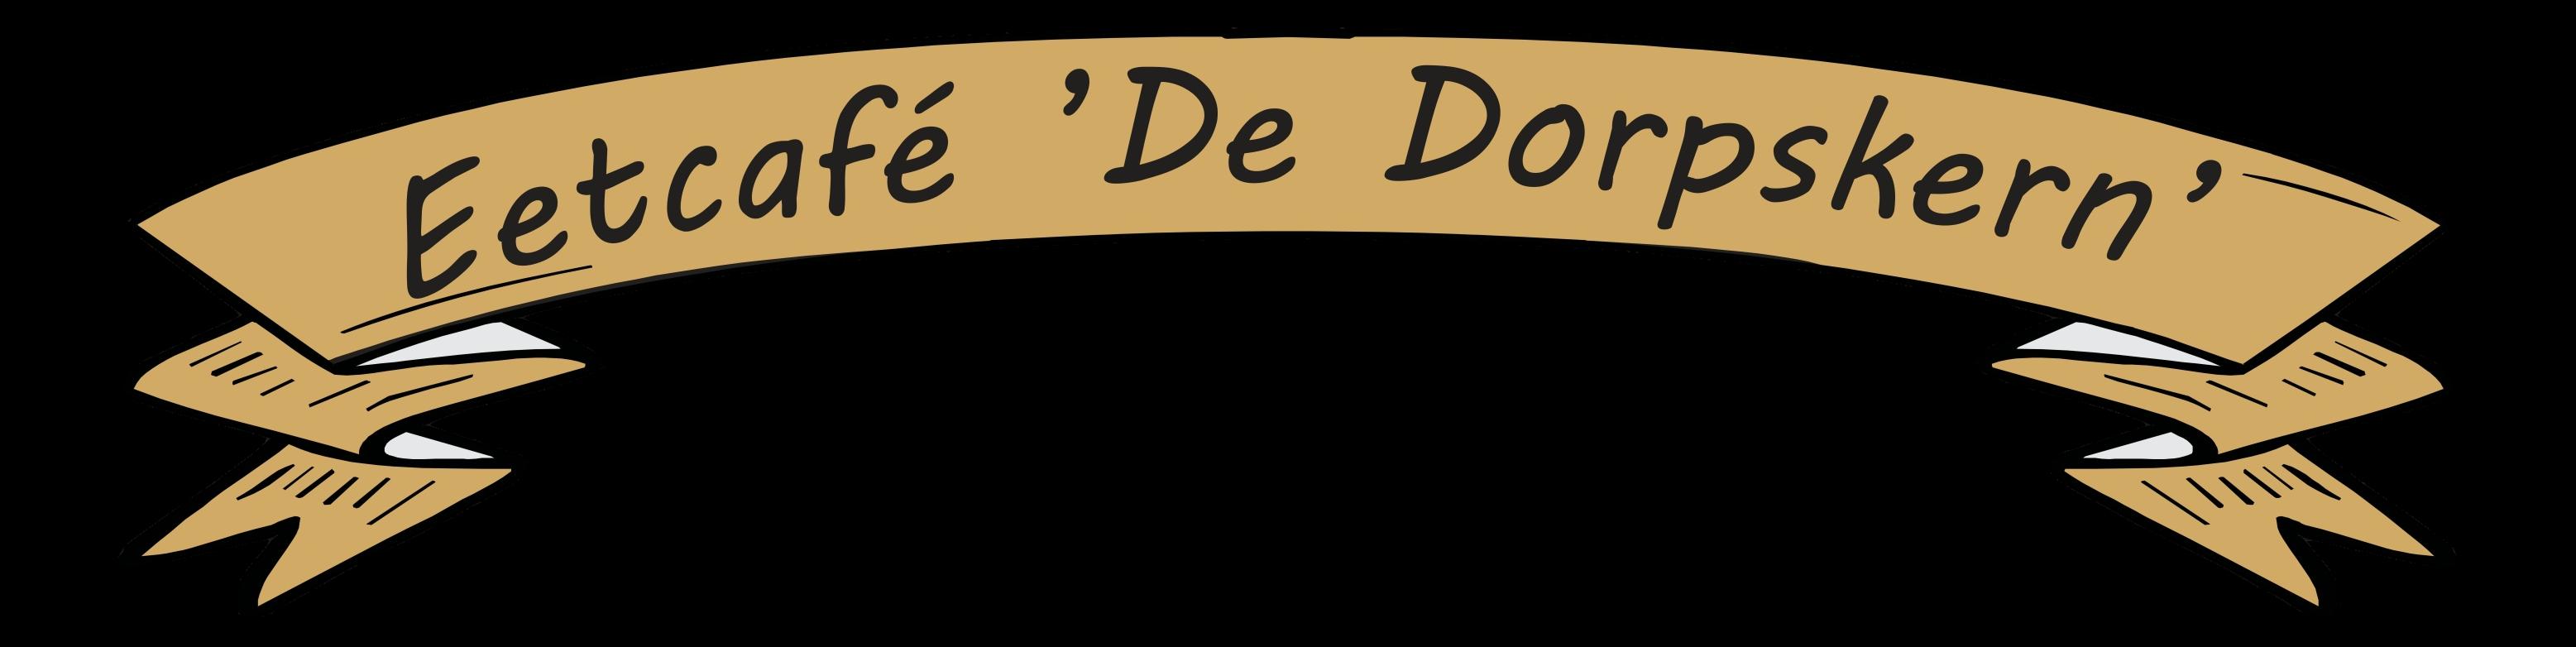 Slijterij en Eetcafé 'De Dorpskern' Hijken